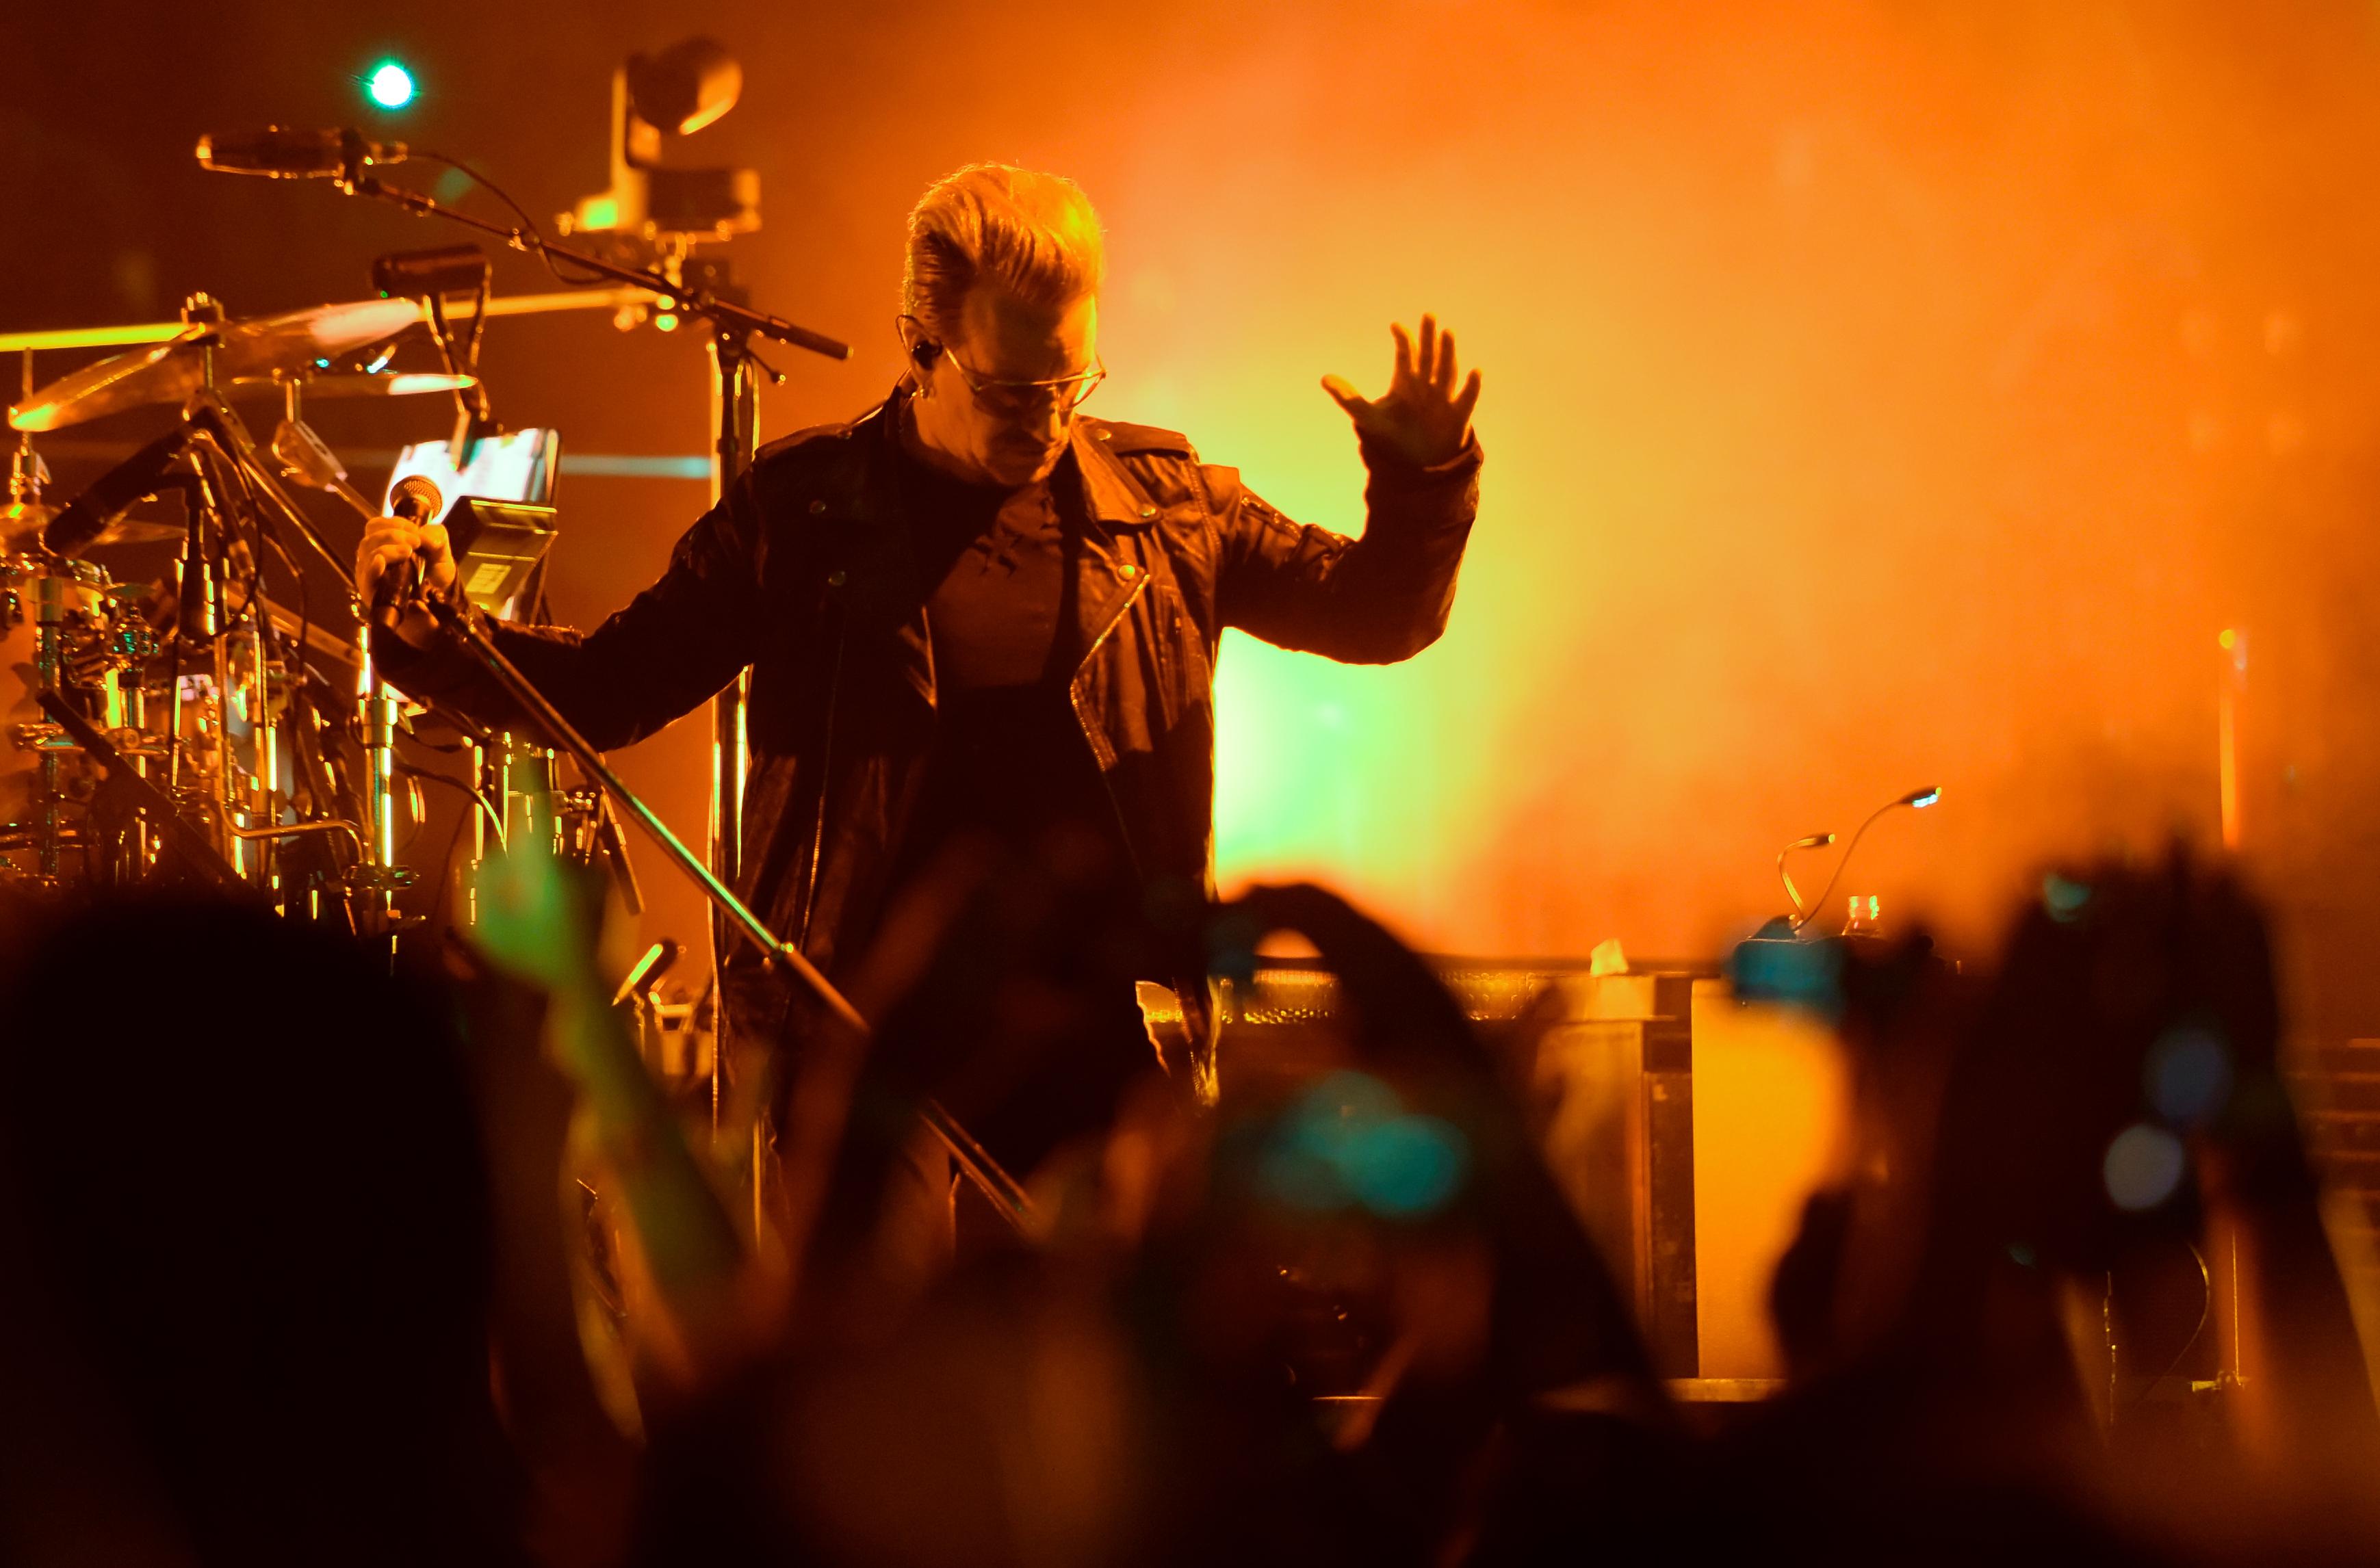 Der Sänger Bono (Paul David Hewson) der irischen Rockband U2 steht am 24.09.2015 in der Mercedes-Benz Arena in Berlin bei de